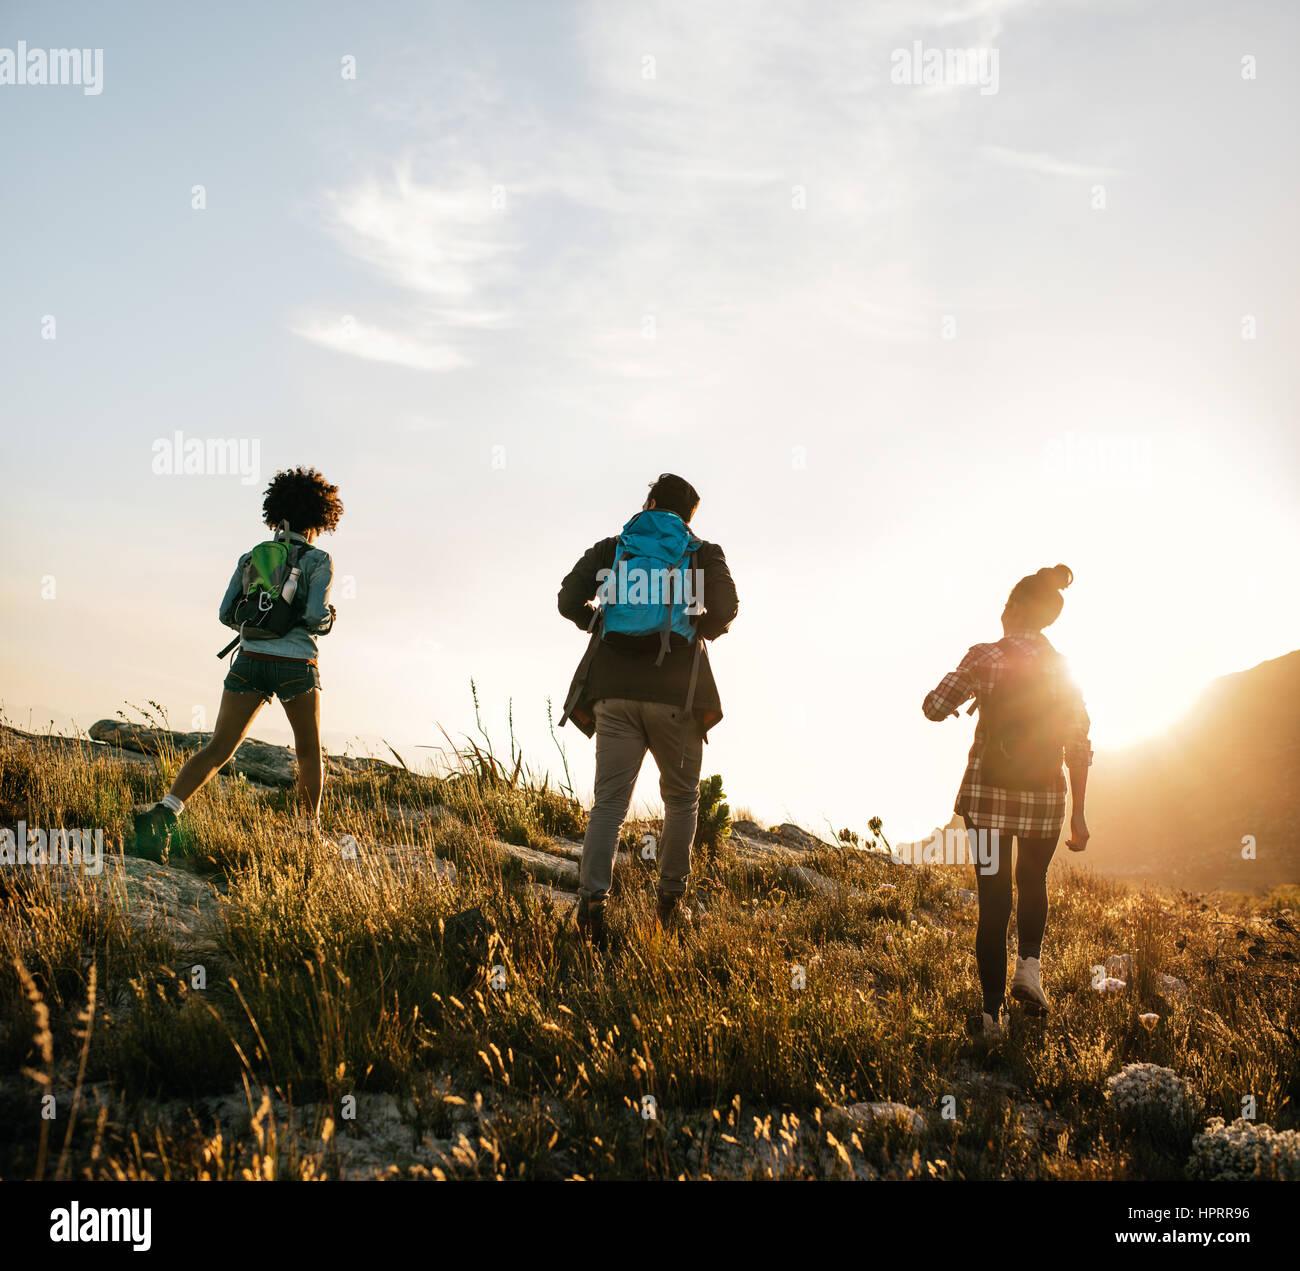 Rückansicht Schuss junger Menschen an einem Sommertag in der Natur wandern. Drei junge Freunde auf ein Land Stockbild